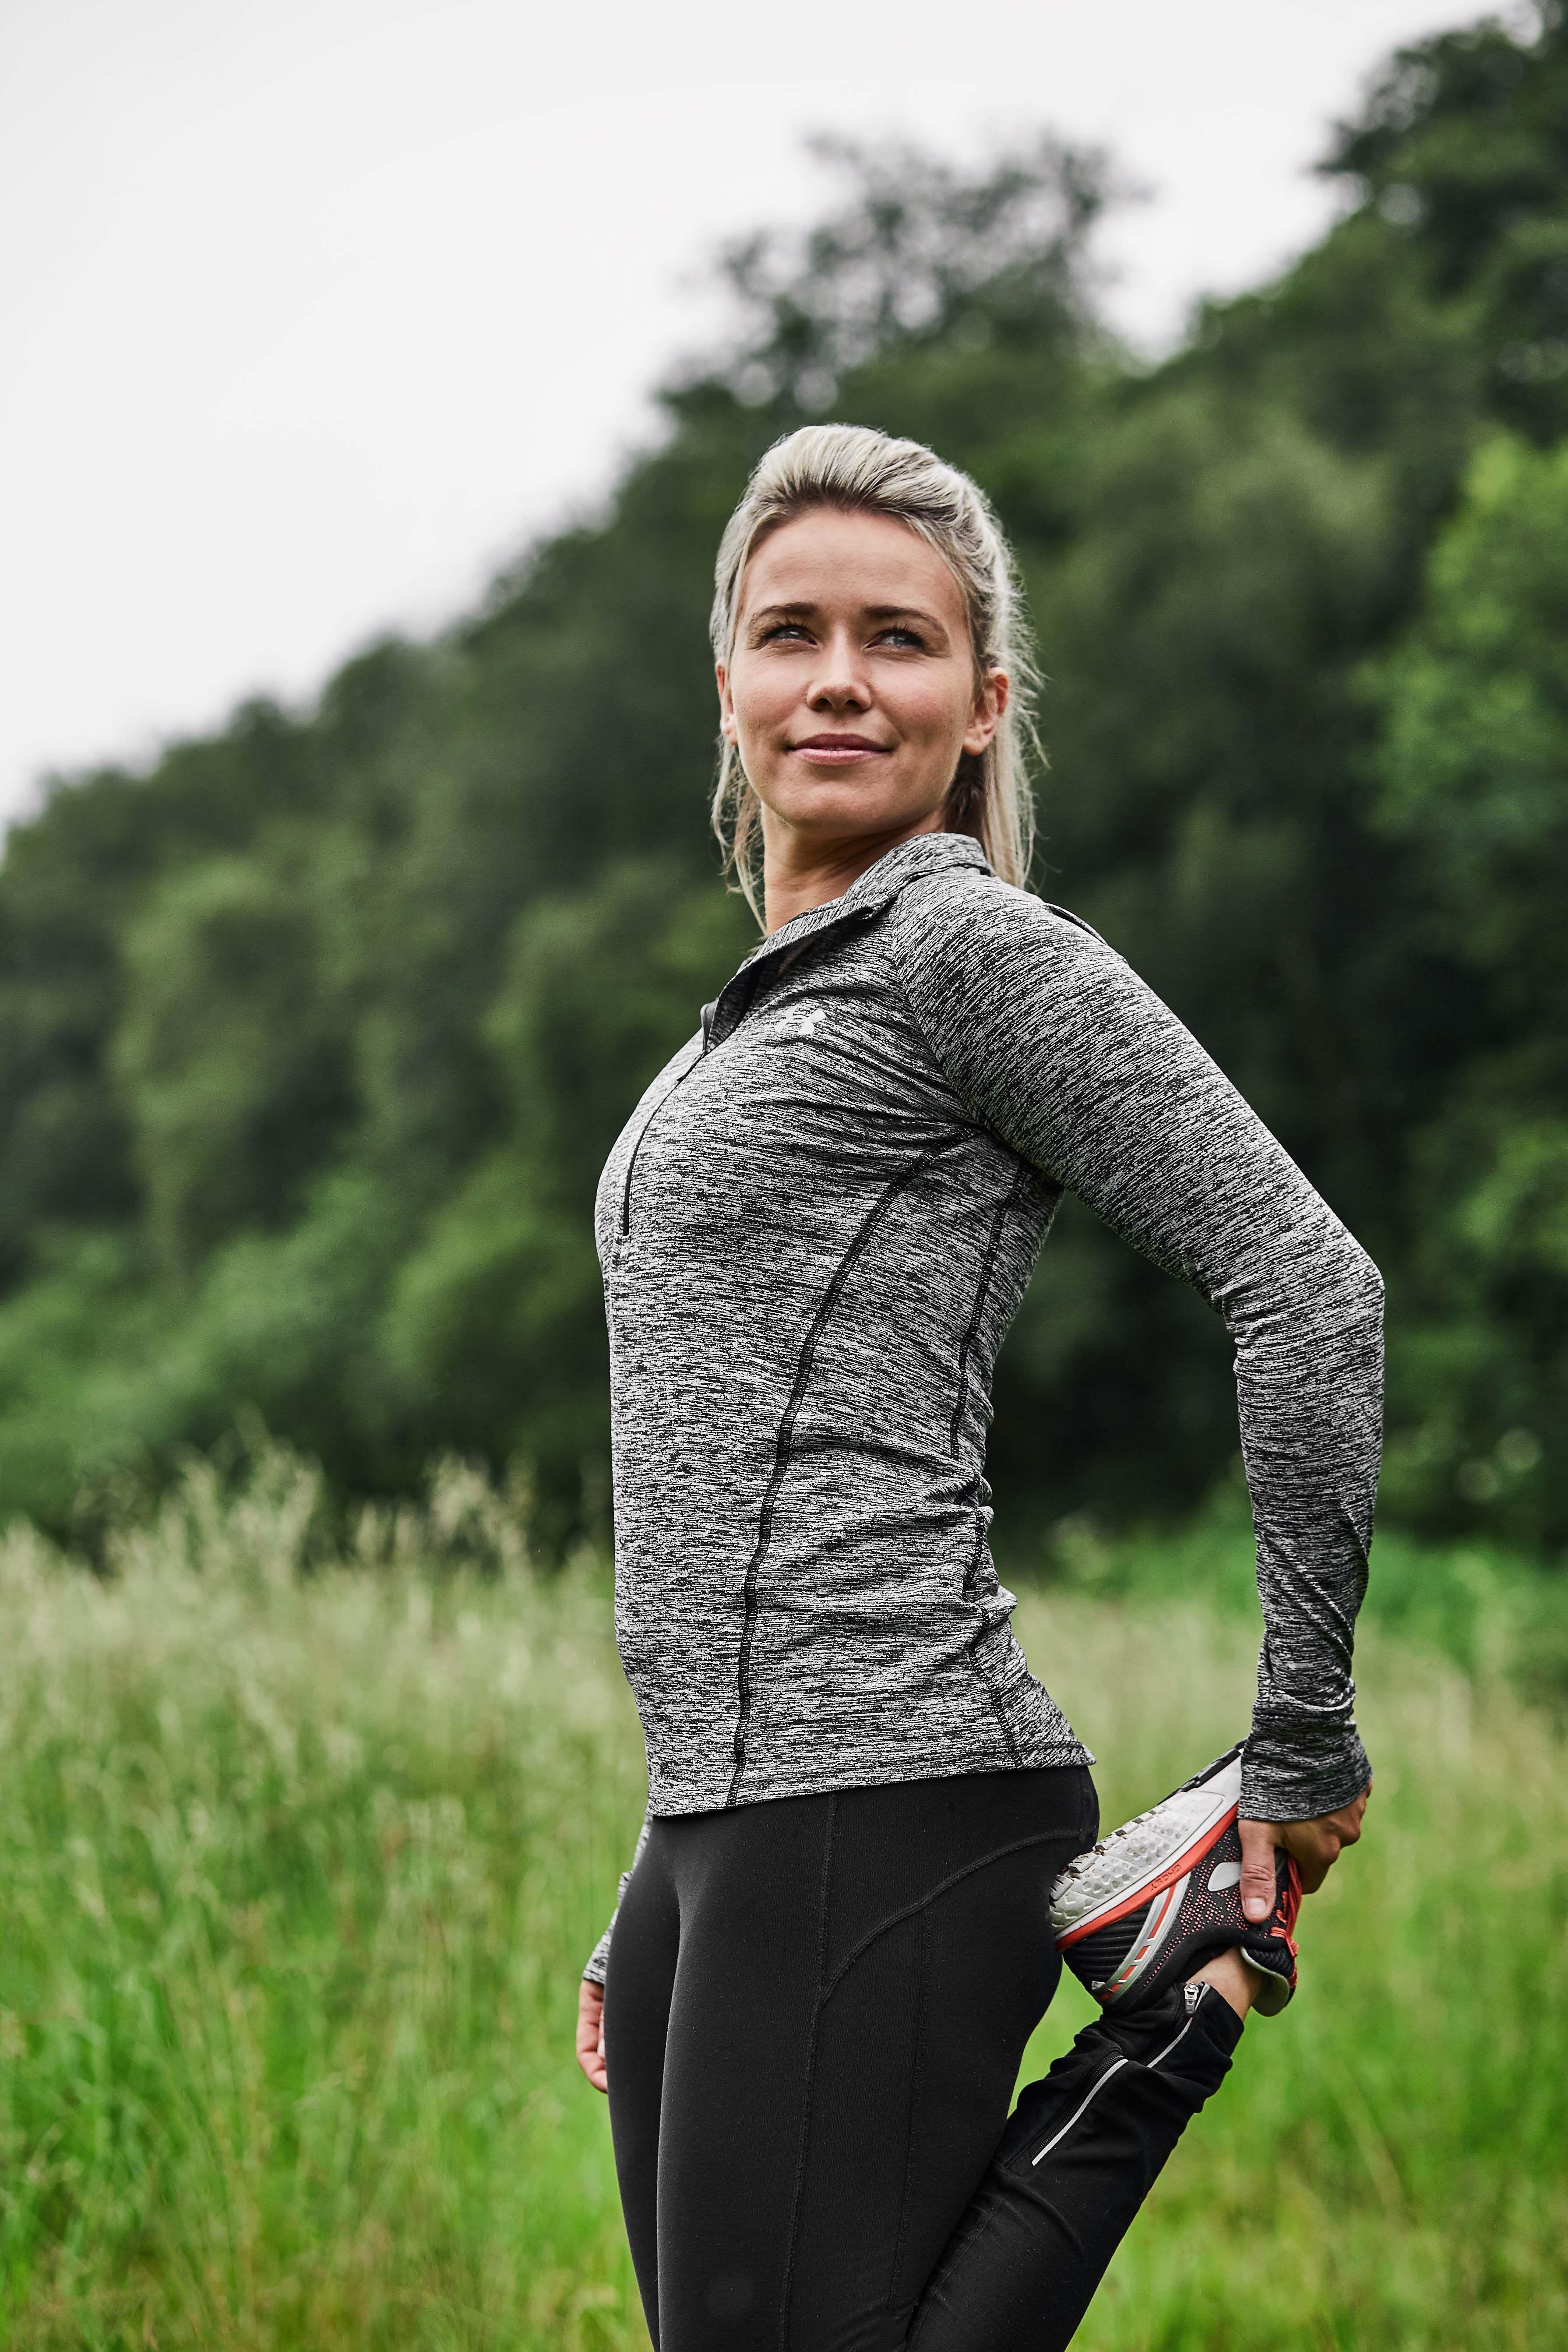 I'm a runner - Laura Tott